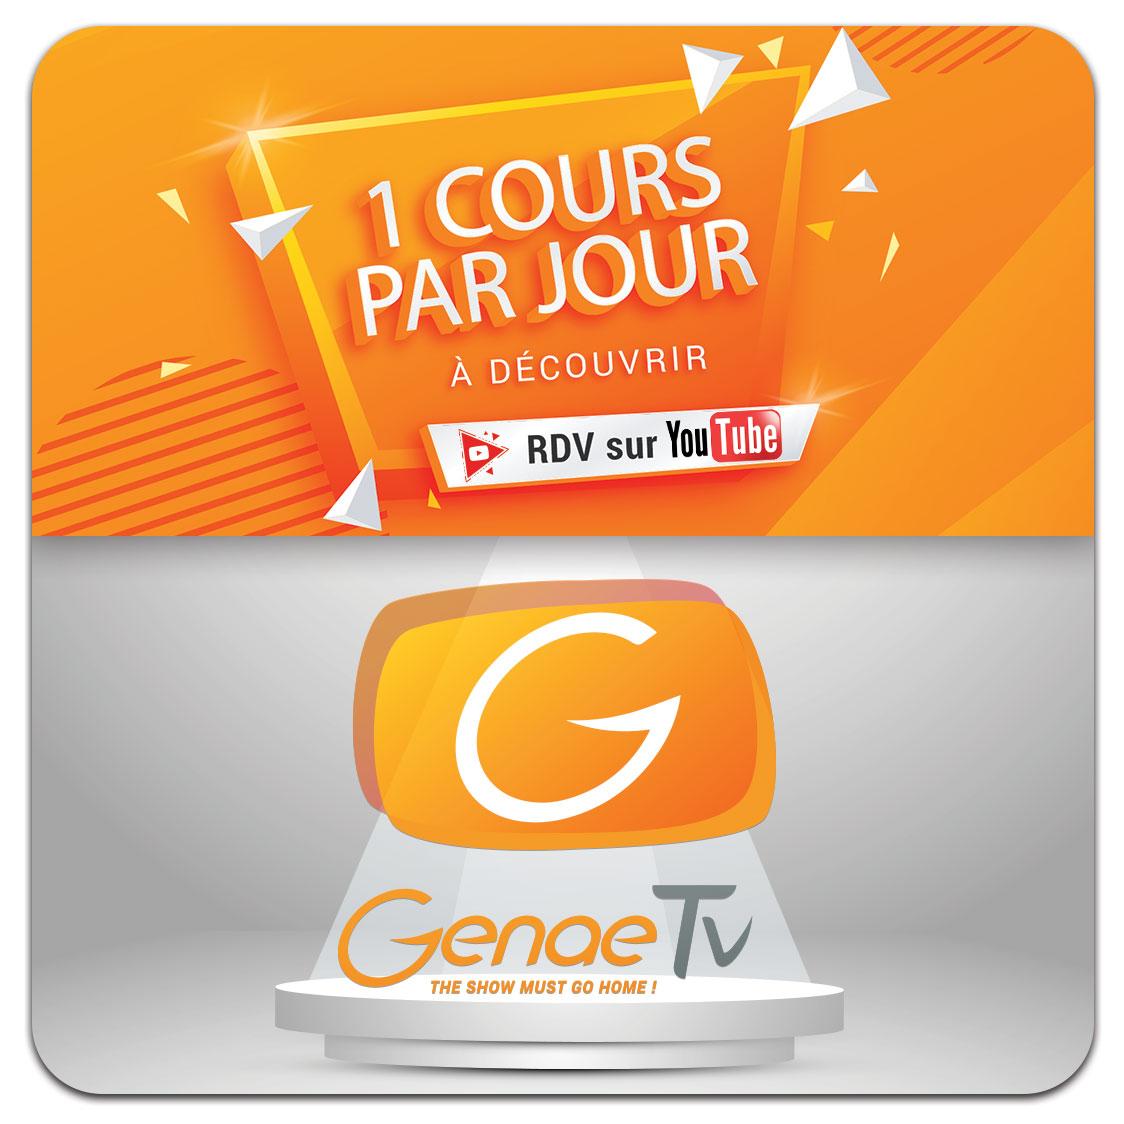 genae tv